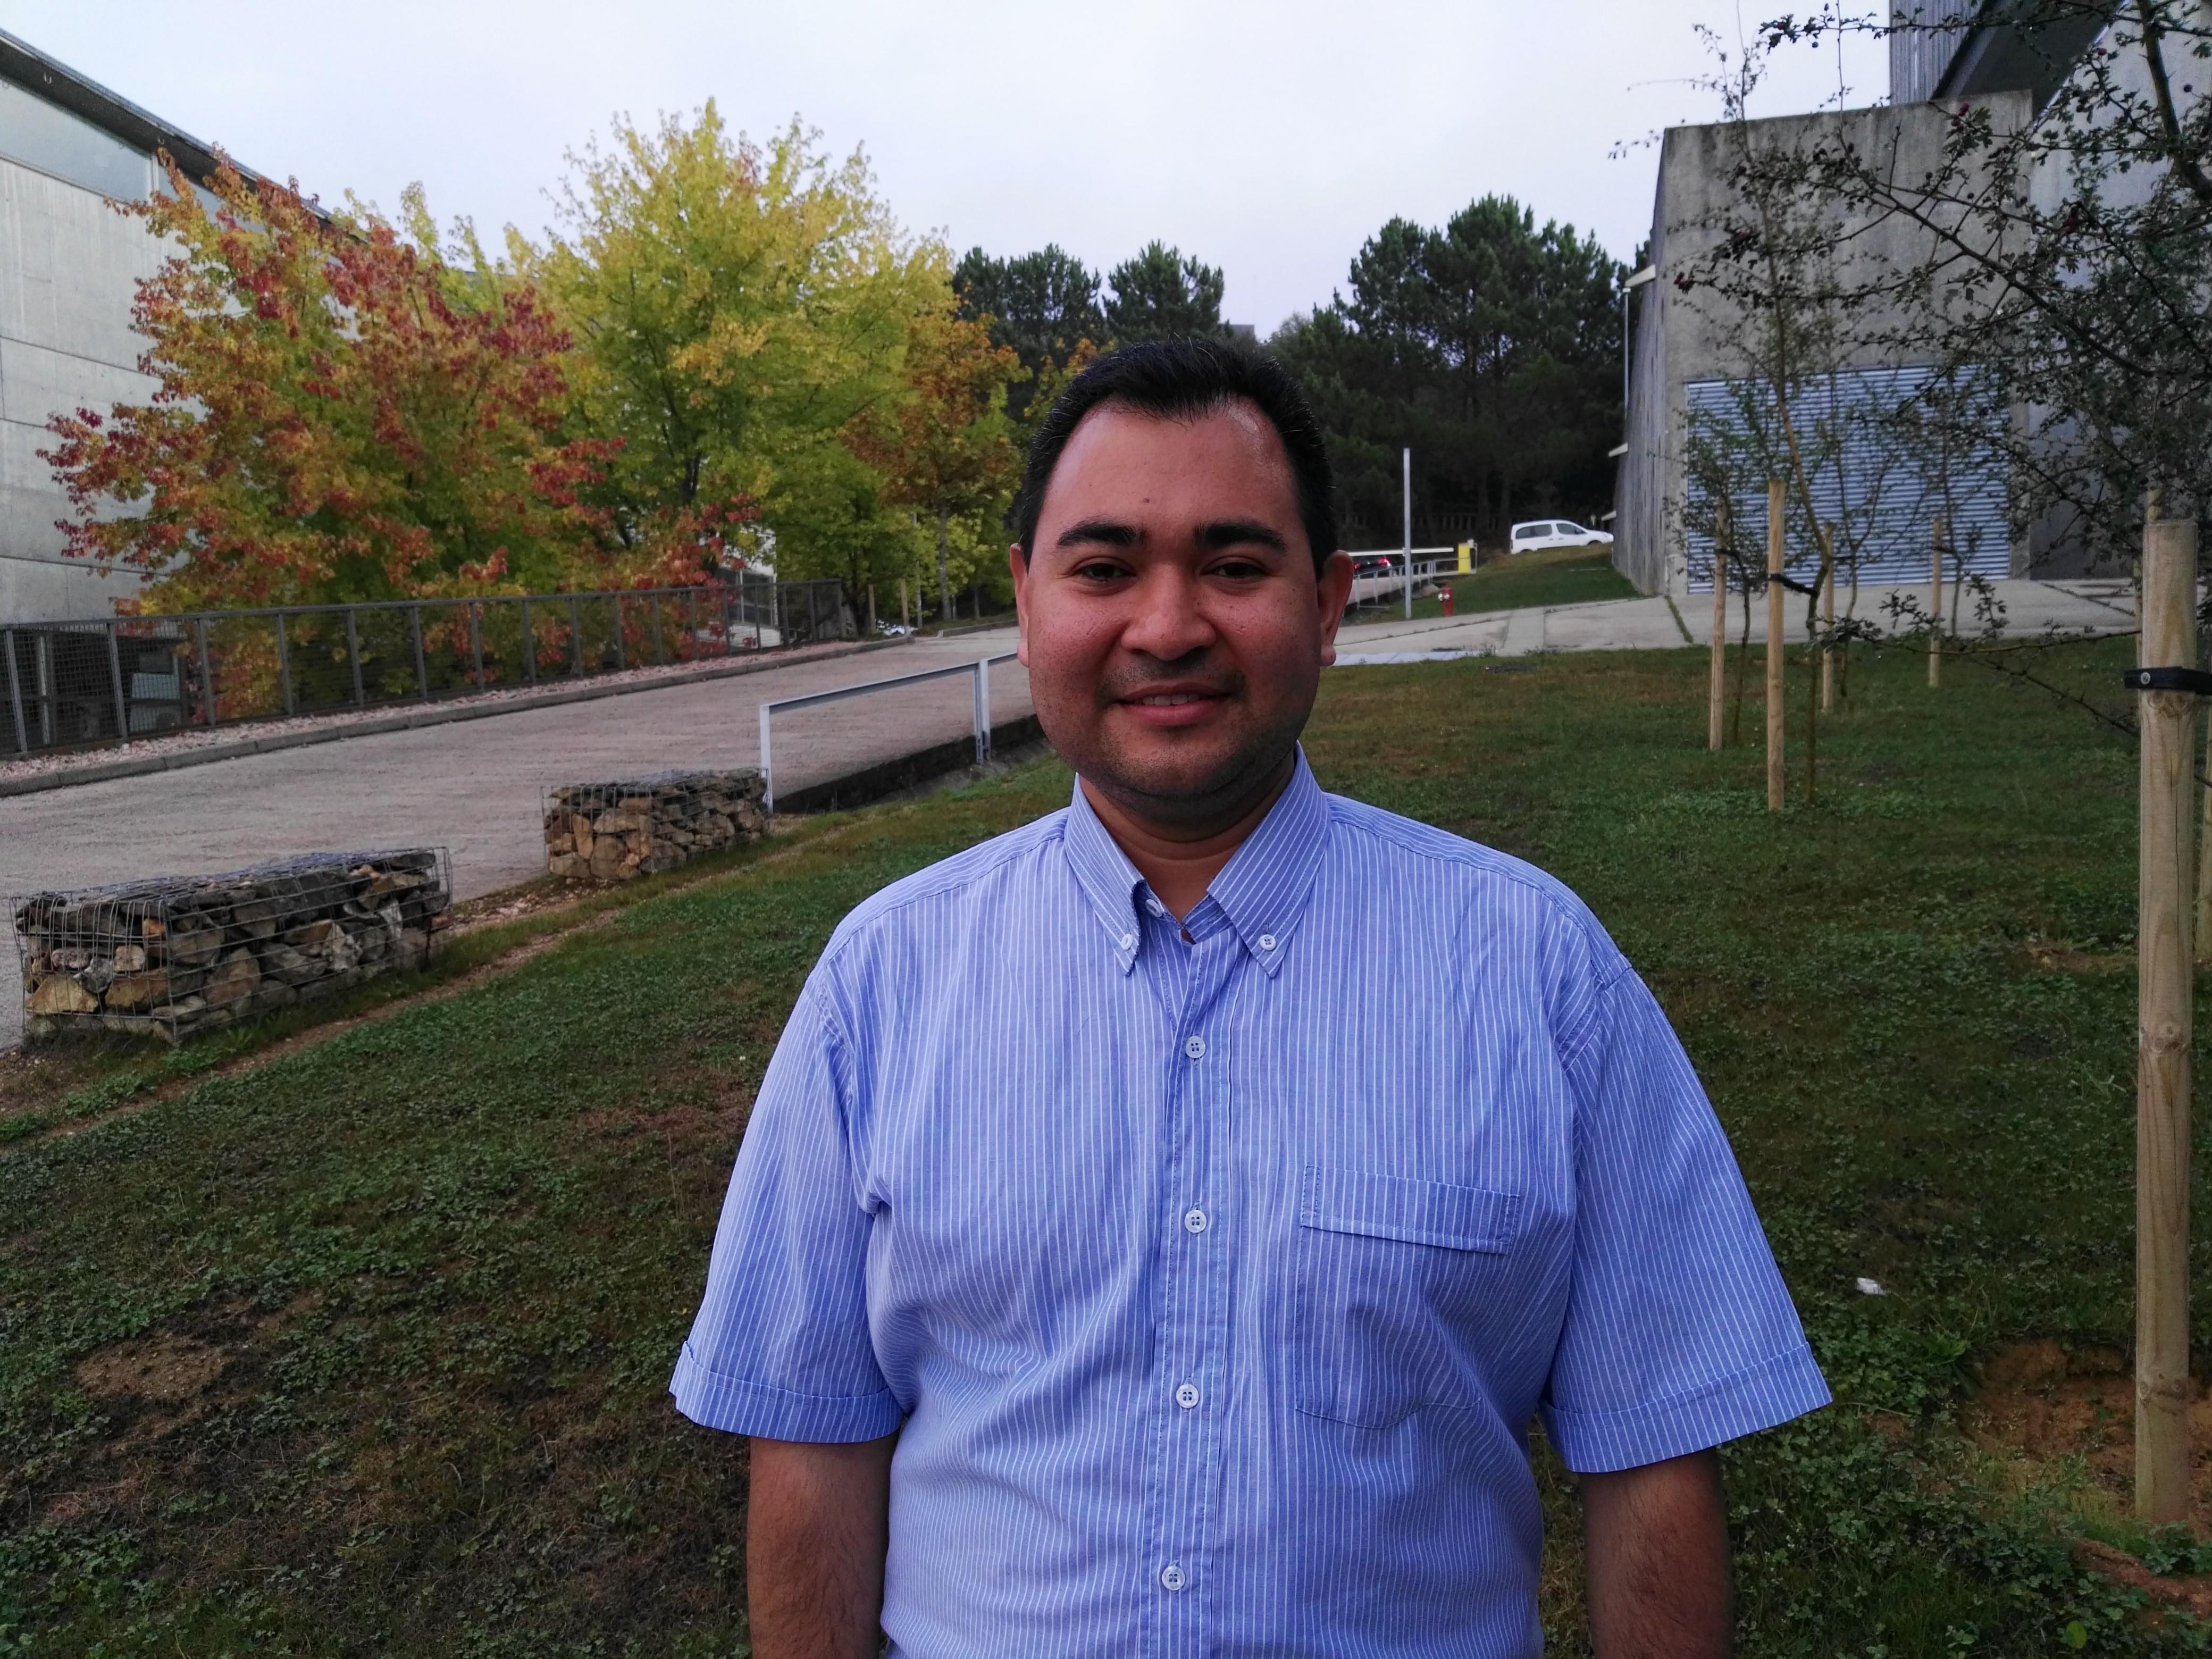 Alexander Castro Grijalba